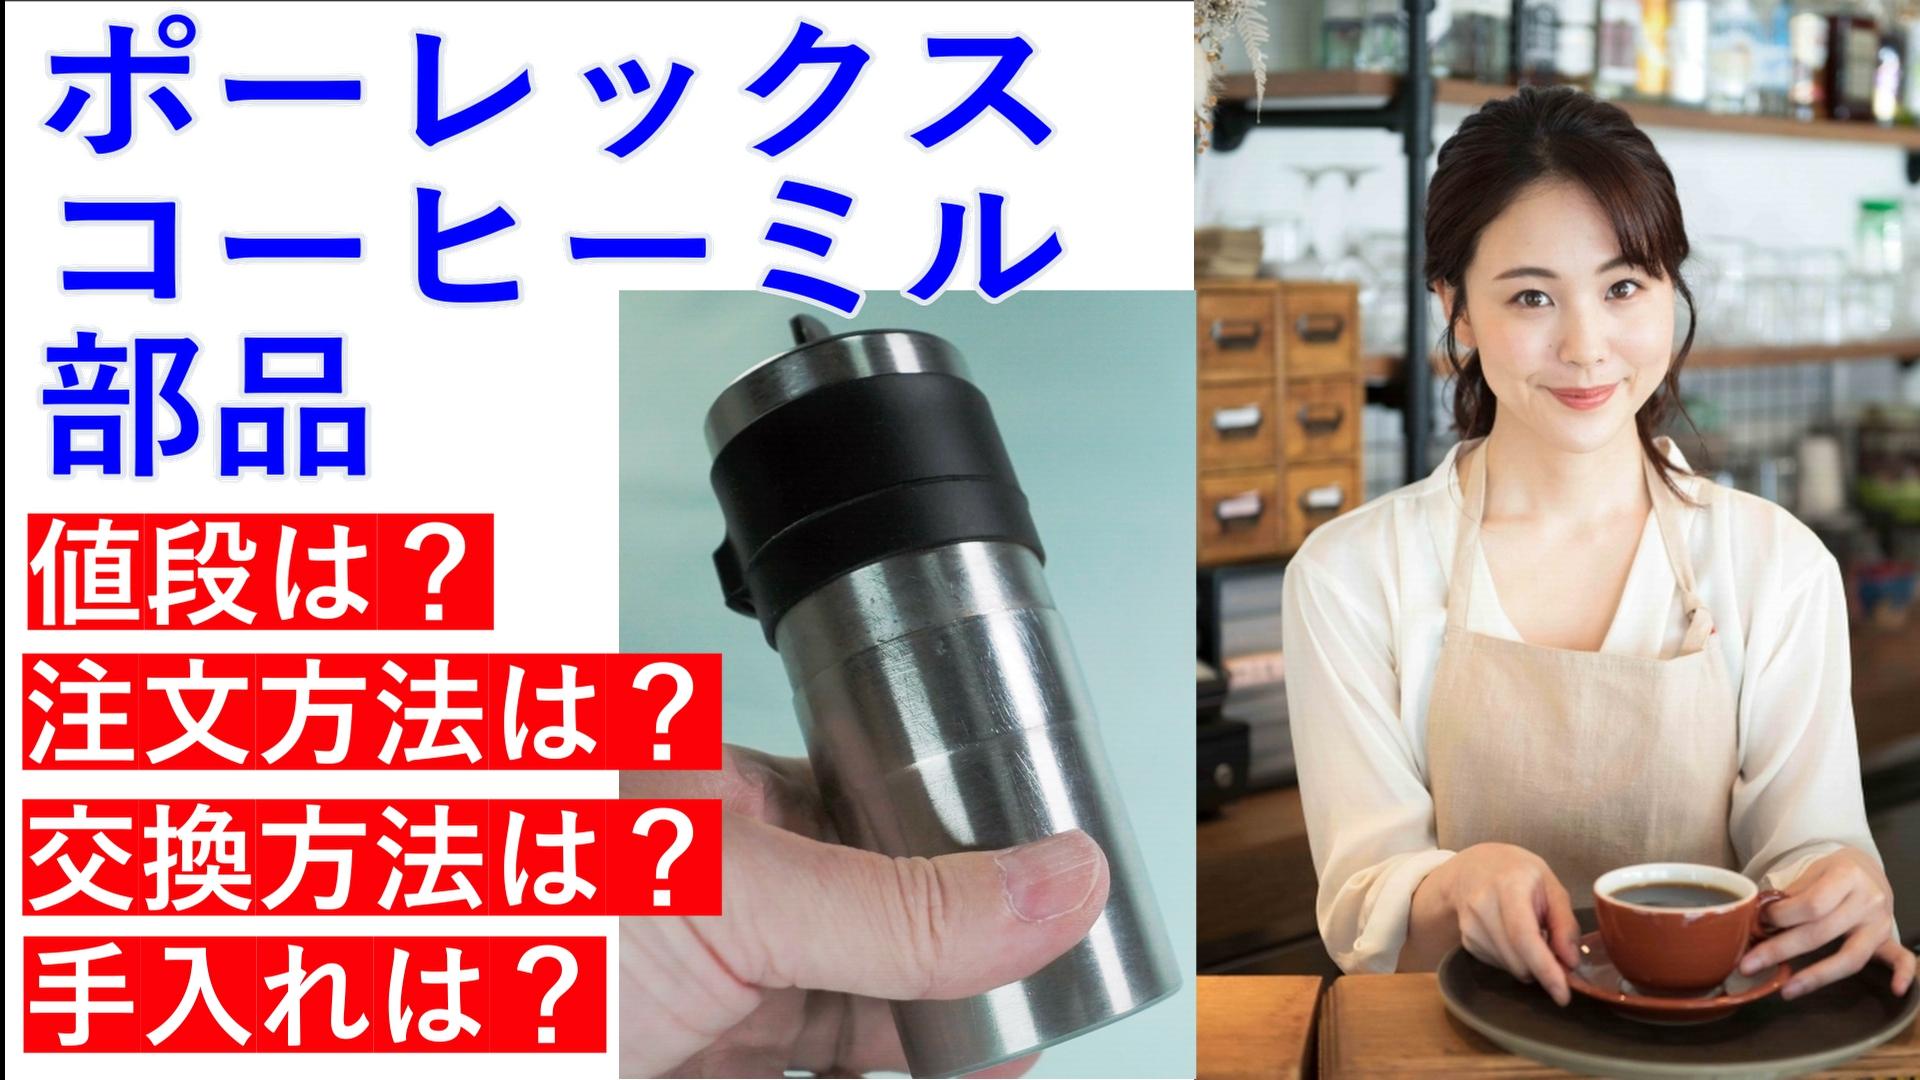 ポーレックスコーヒーミル2ミニ 部品注文・交換方法